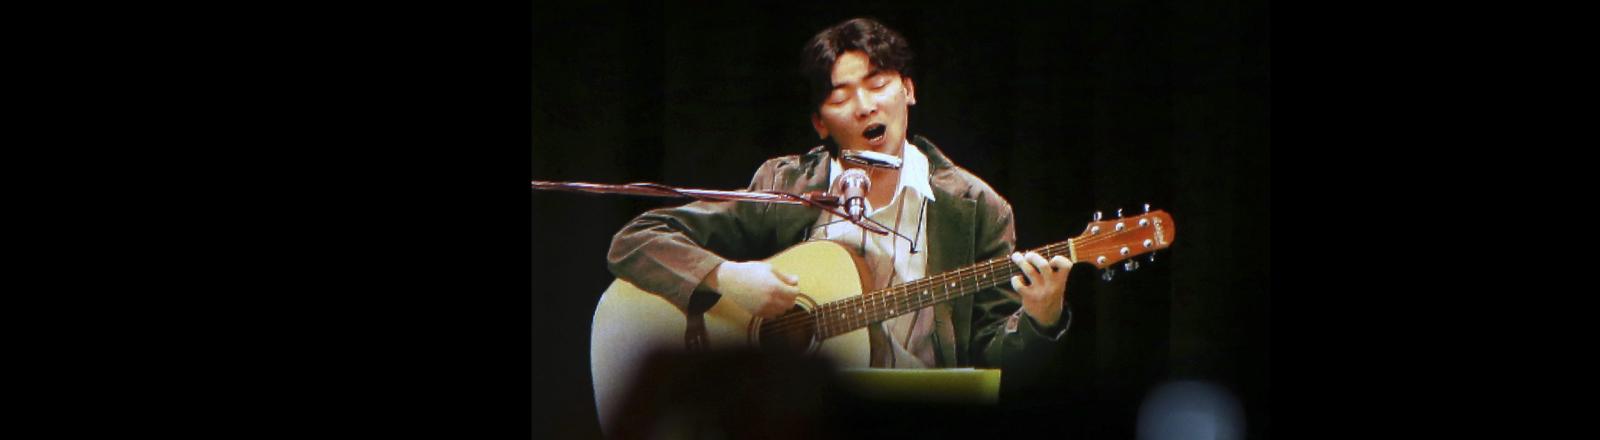 Aufnahme des Hologramm-Konzerts des südkoreanischen Sängers Kim Kwang-seok in Daegu im Jahr 2016